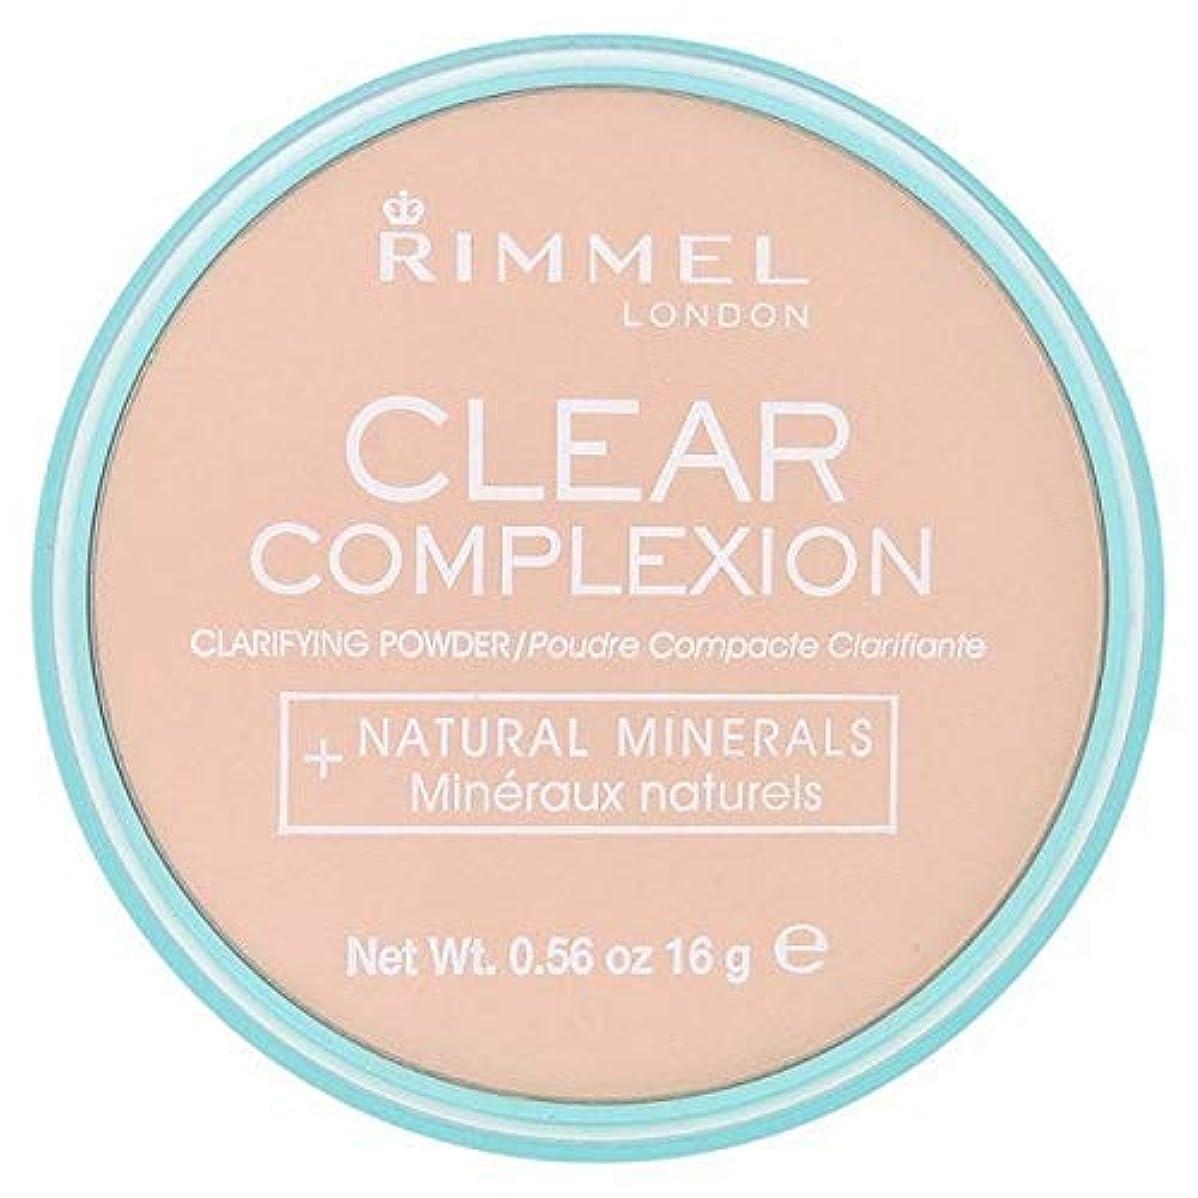 価値のないオートマトン岩[Rimmel ] 21透明リンメル明確な顔色粉末 - Rimmel Clear Complexion Powder Transparent 21 [並行輸入品]